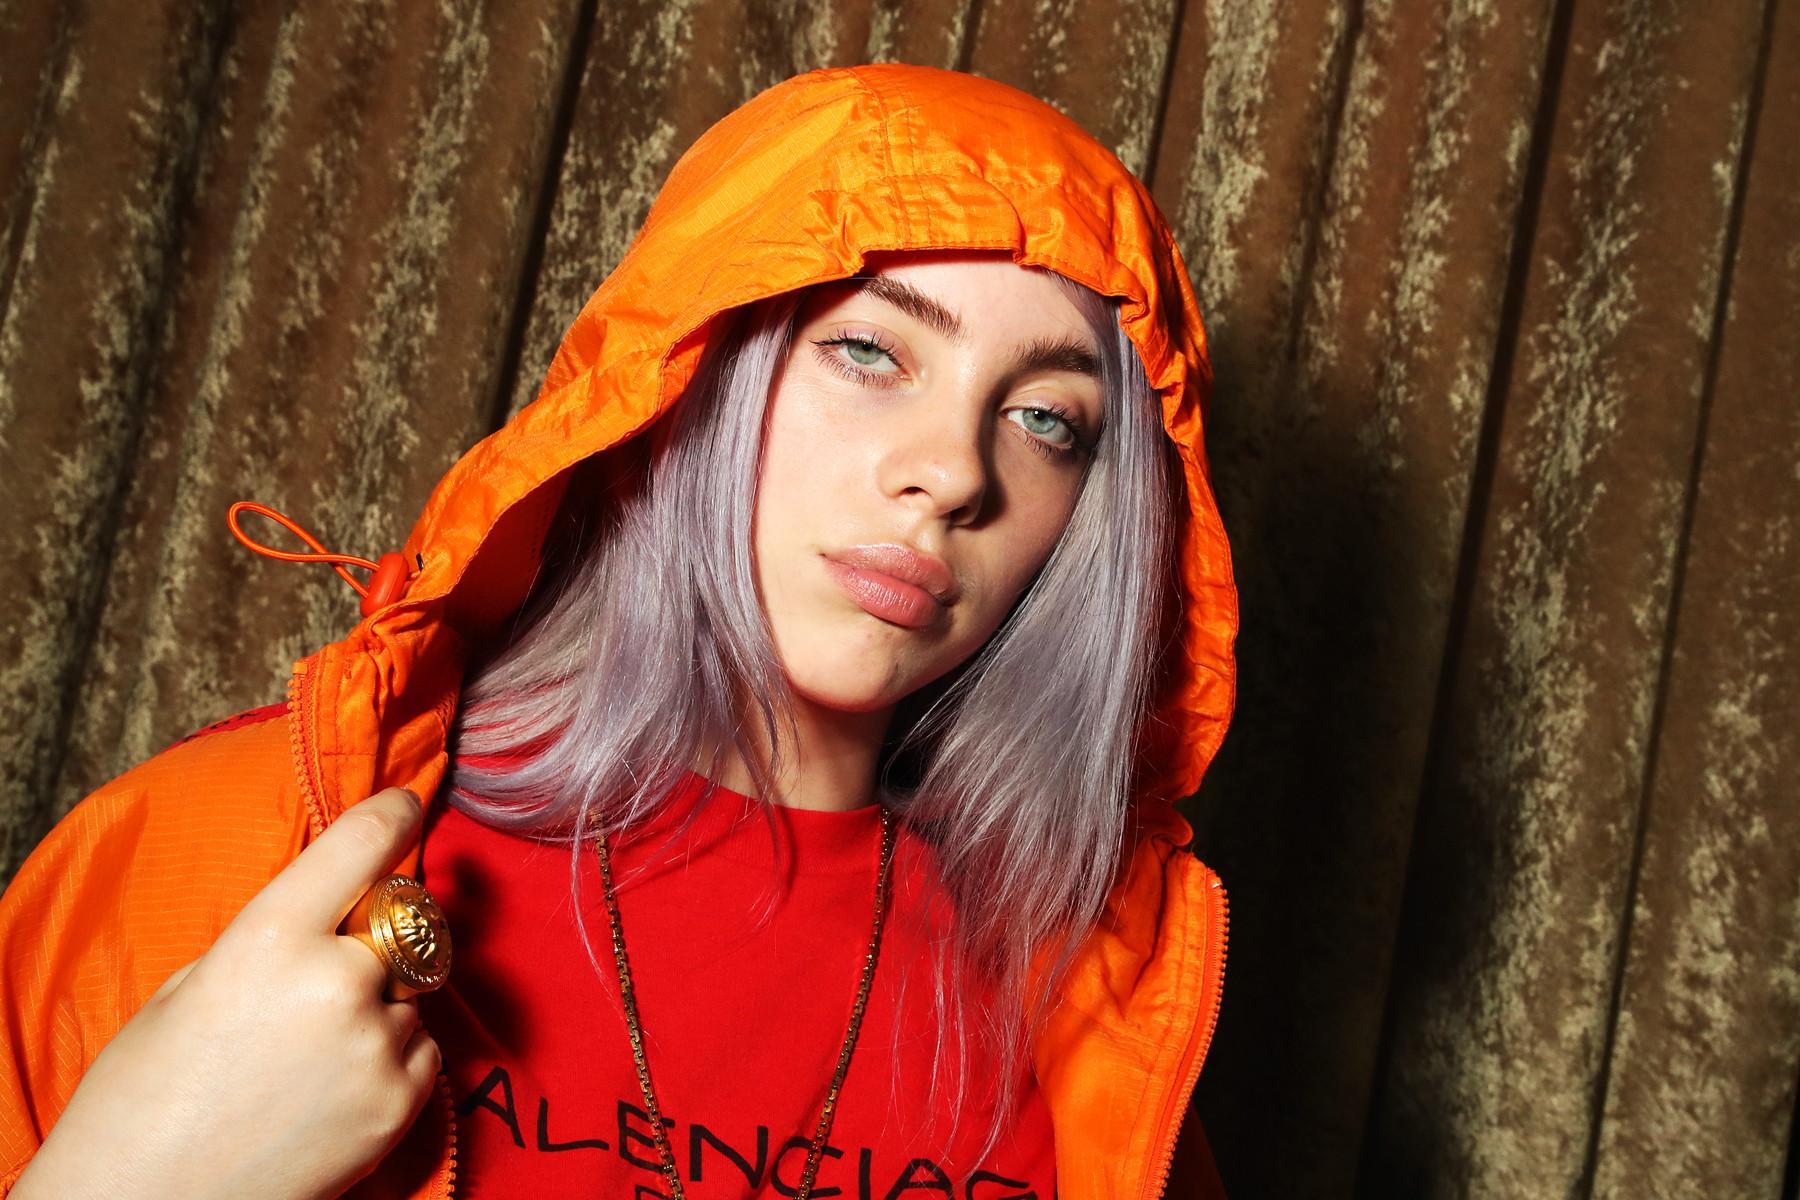 Quién es Billie Eilish y por qué todos hablan de ella